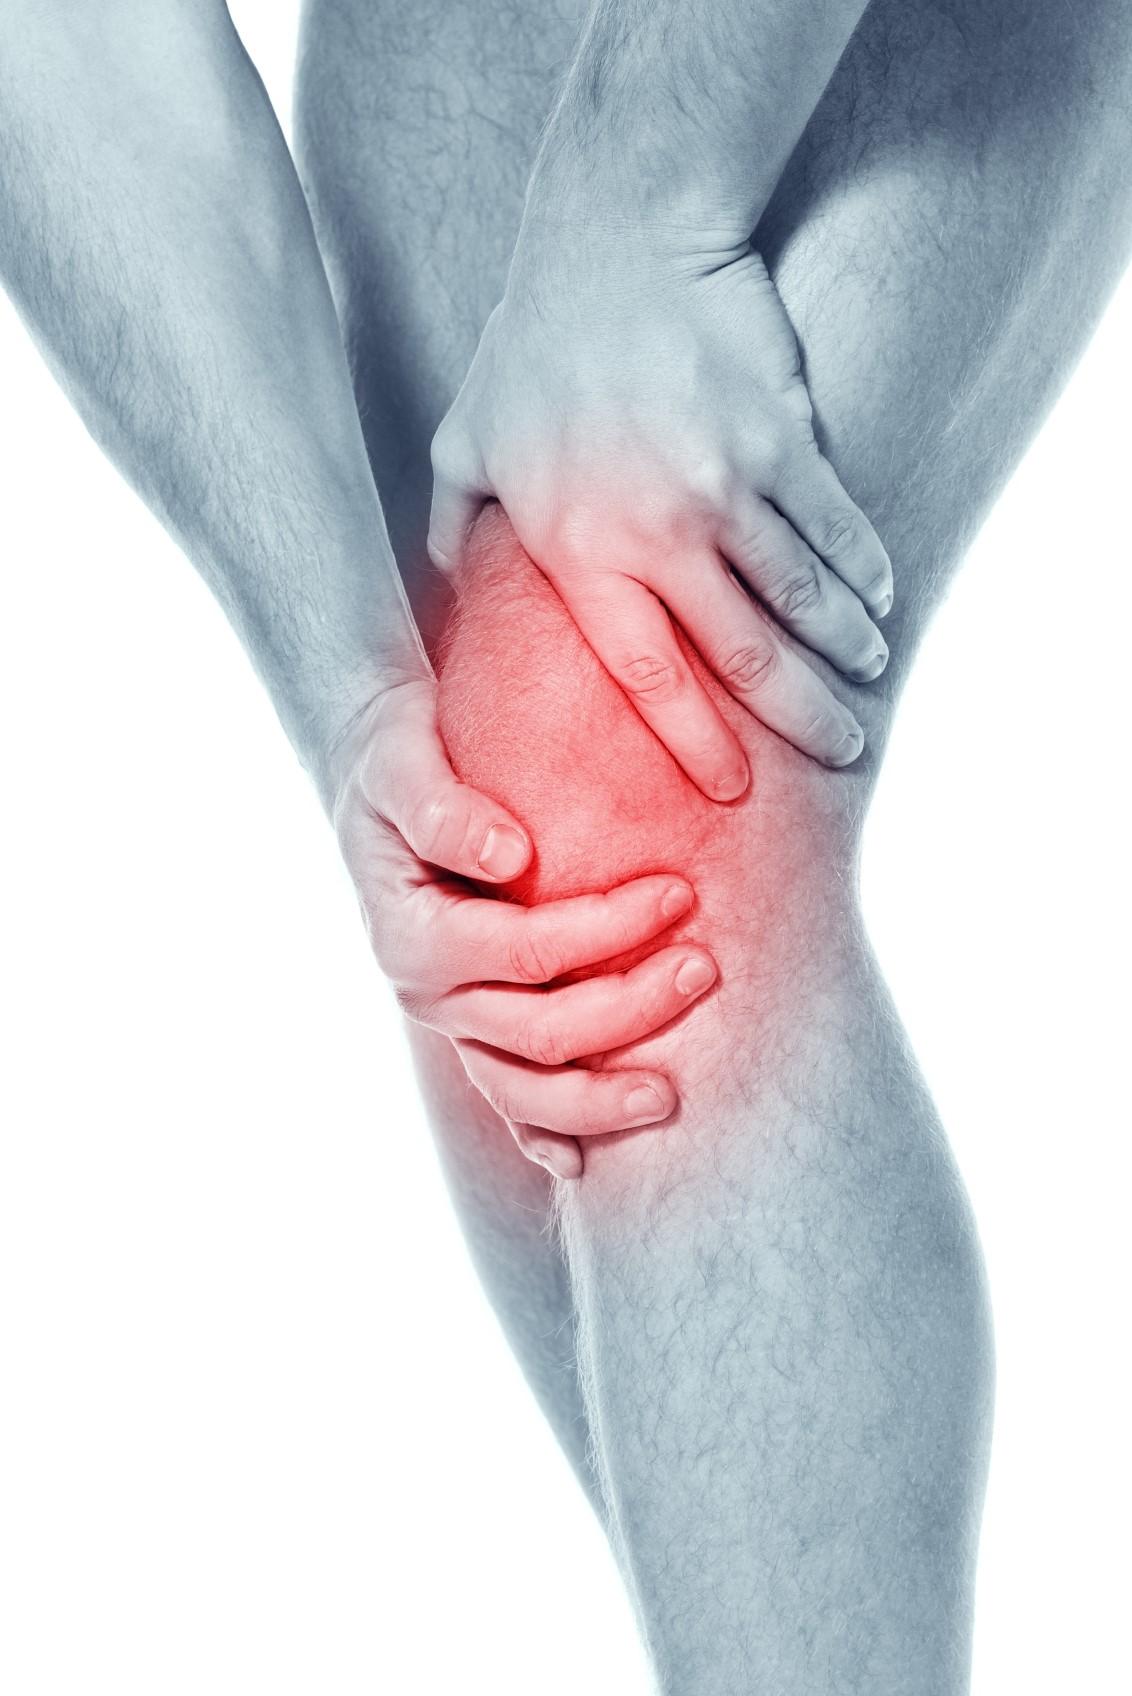 kellel on hupotureoidism ja liigesevalu valu ravi kate sormede liigeses